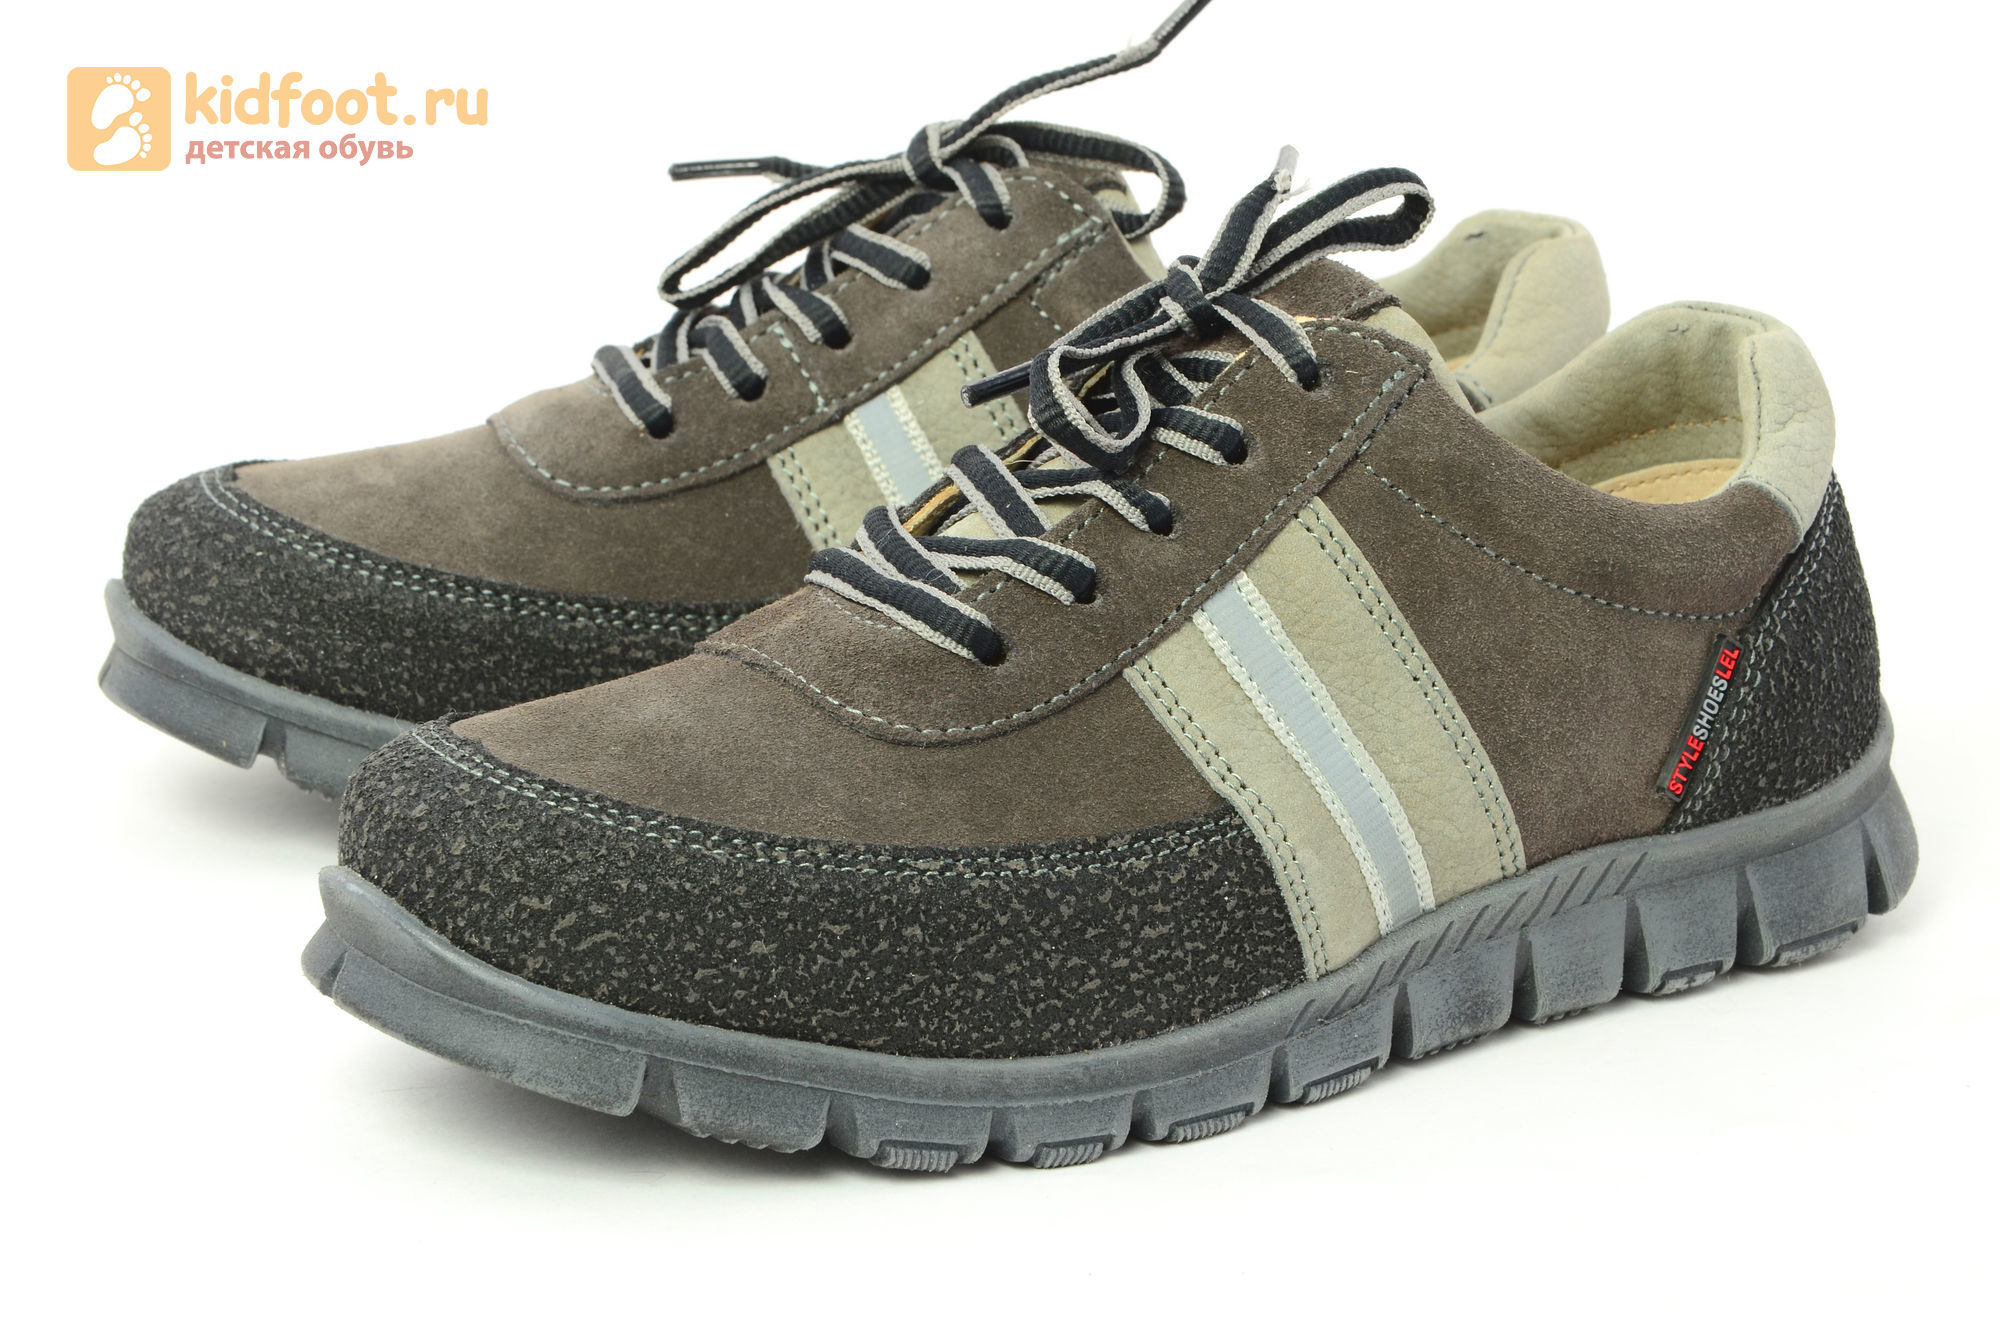 Ботинки Лель (LEL) для мальчика, цвет Коричневый, 6-1045